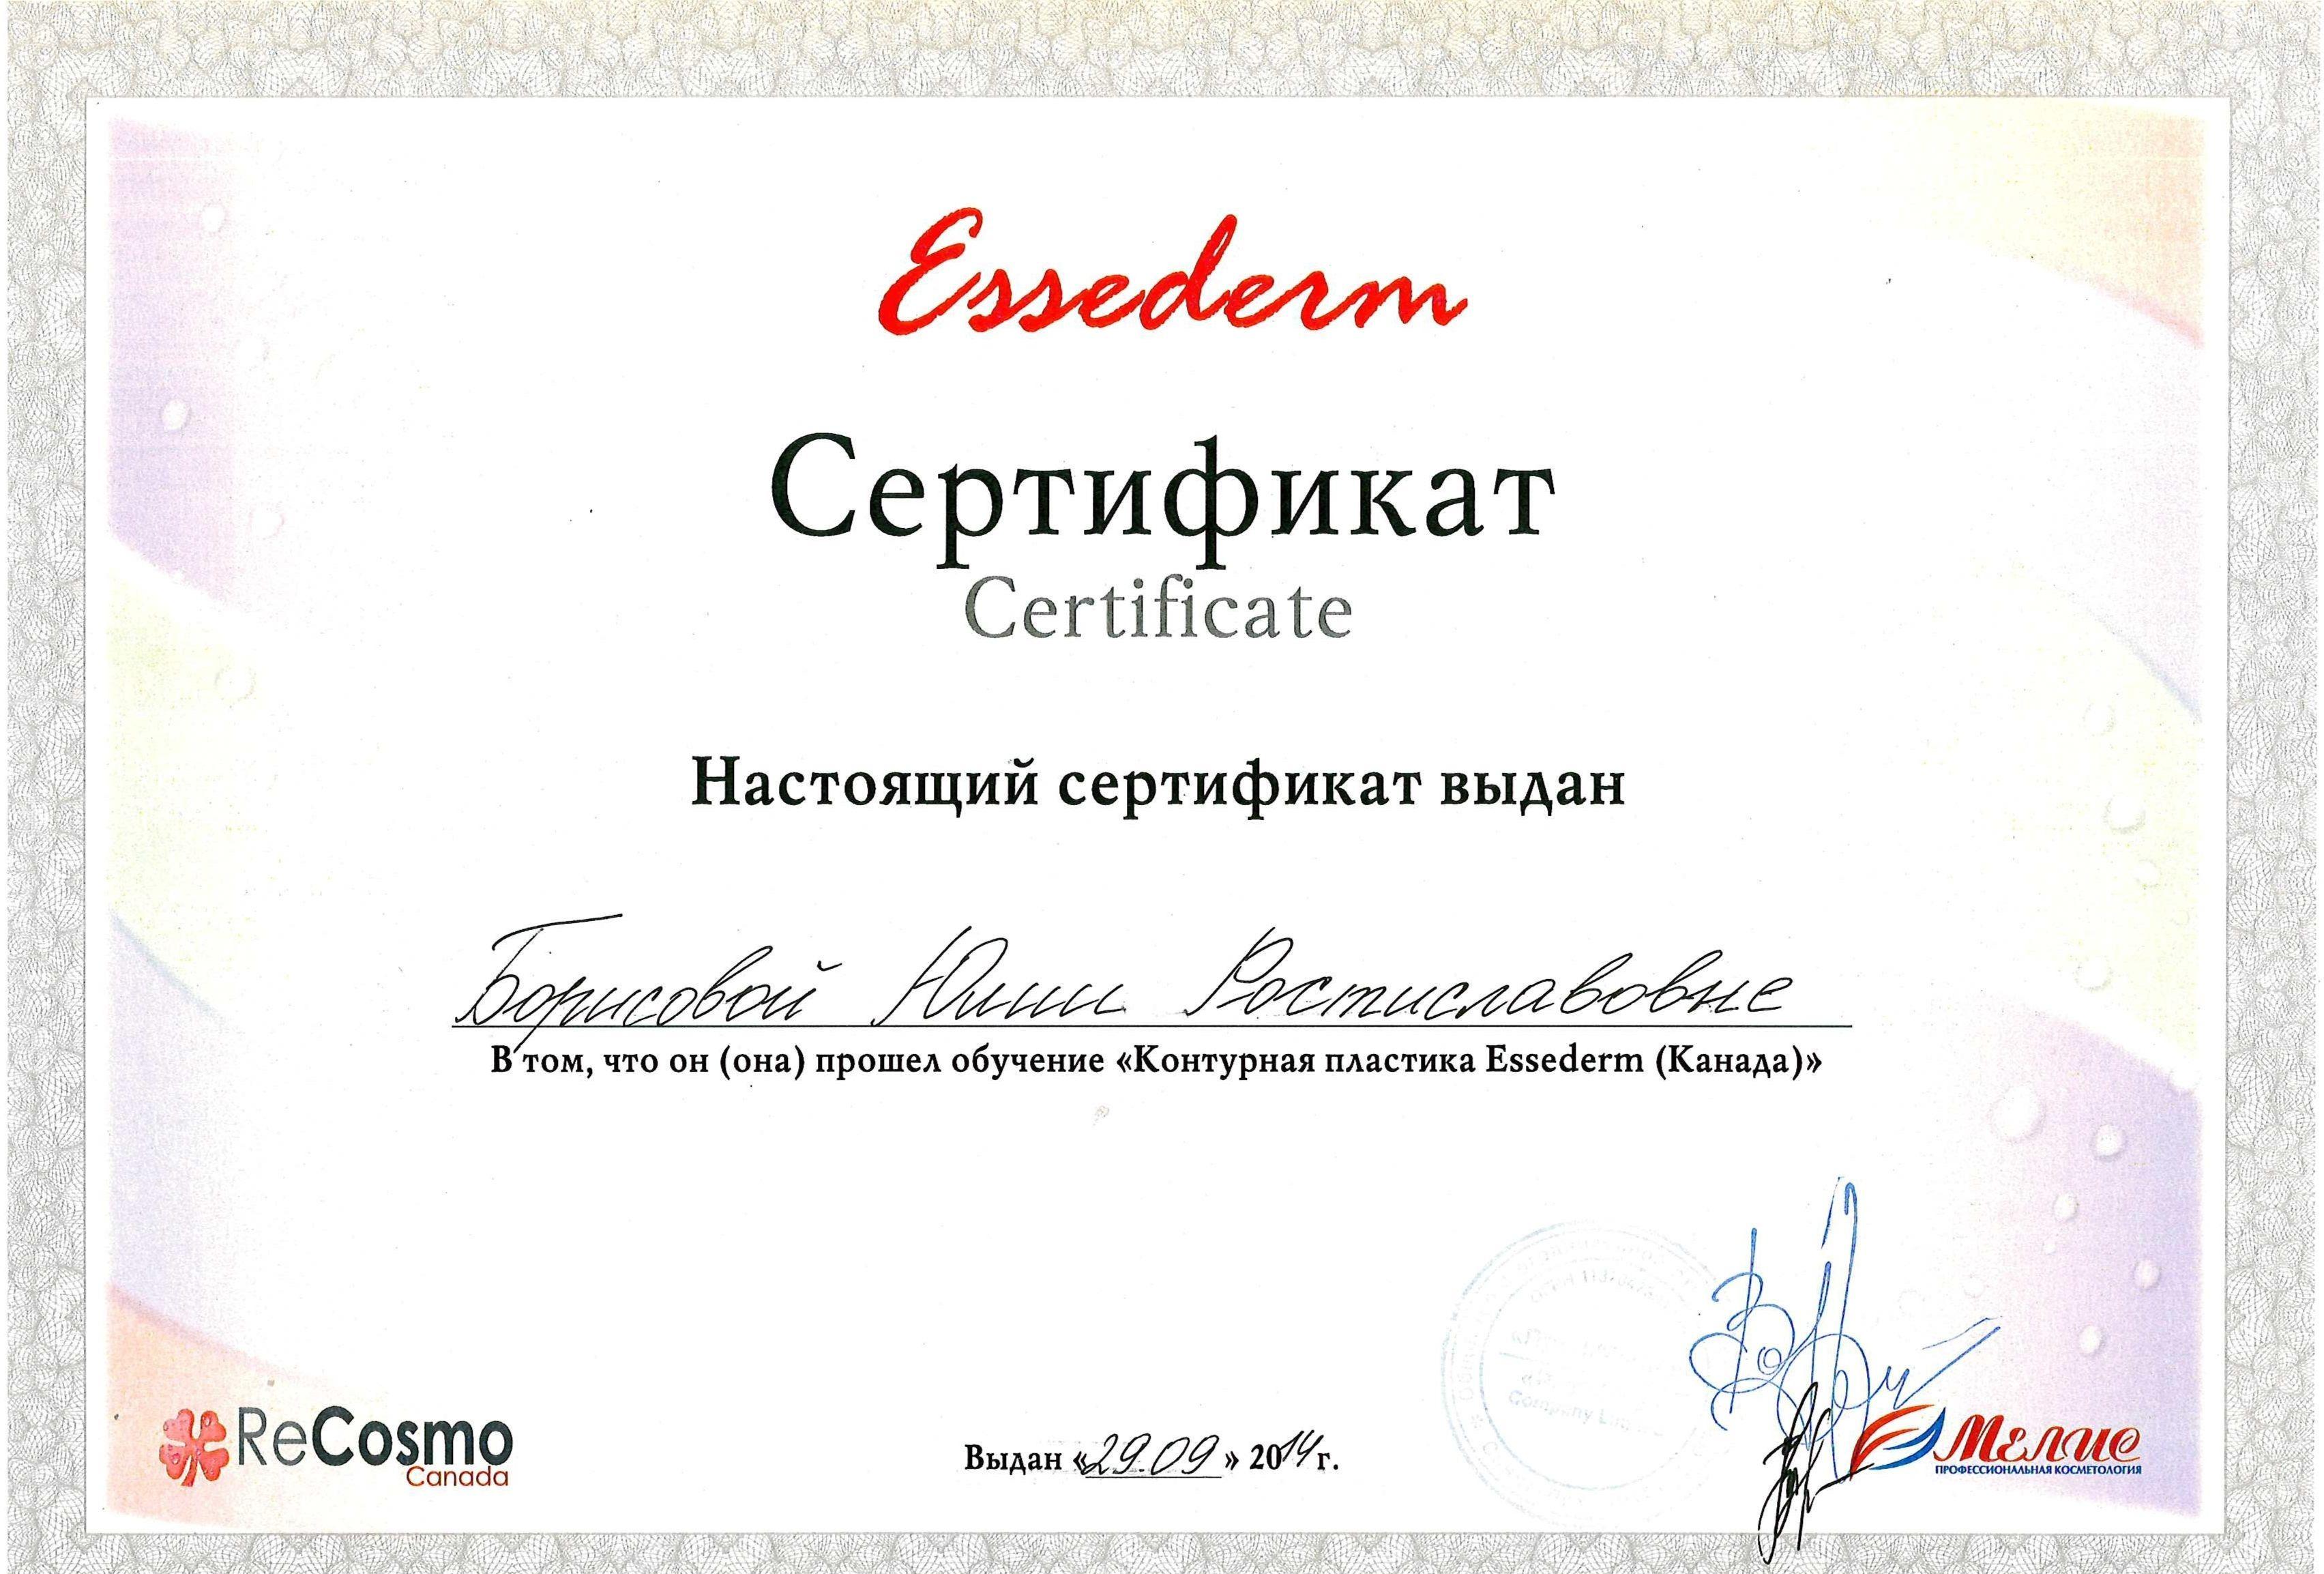 Сертификат — Обучение «Контурная пластика Essederm». Григорьева Юлия Ростиславовна